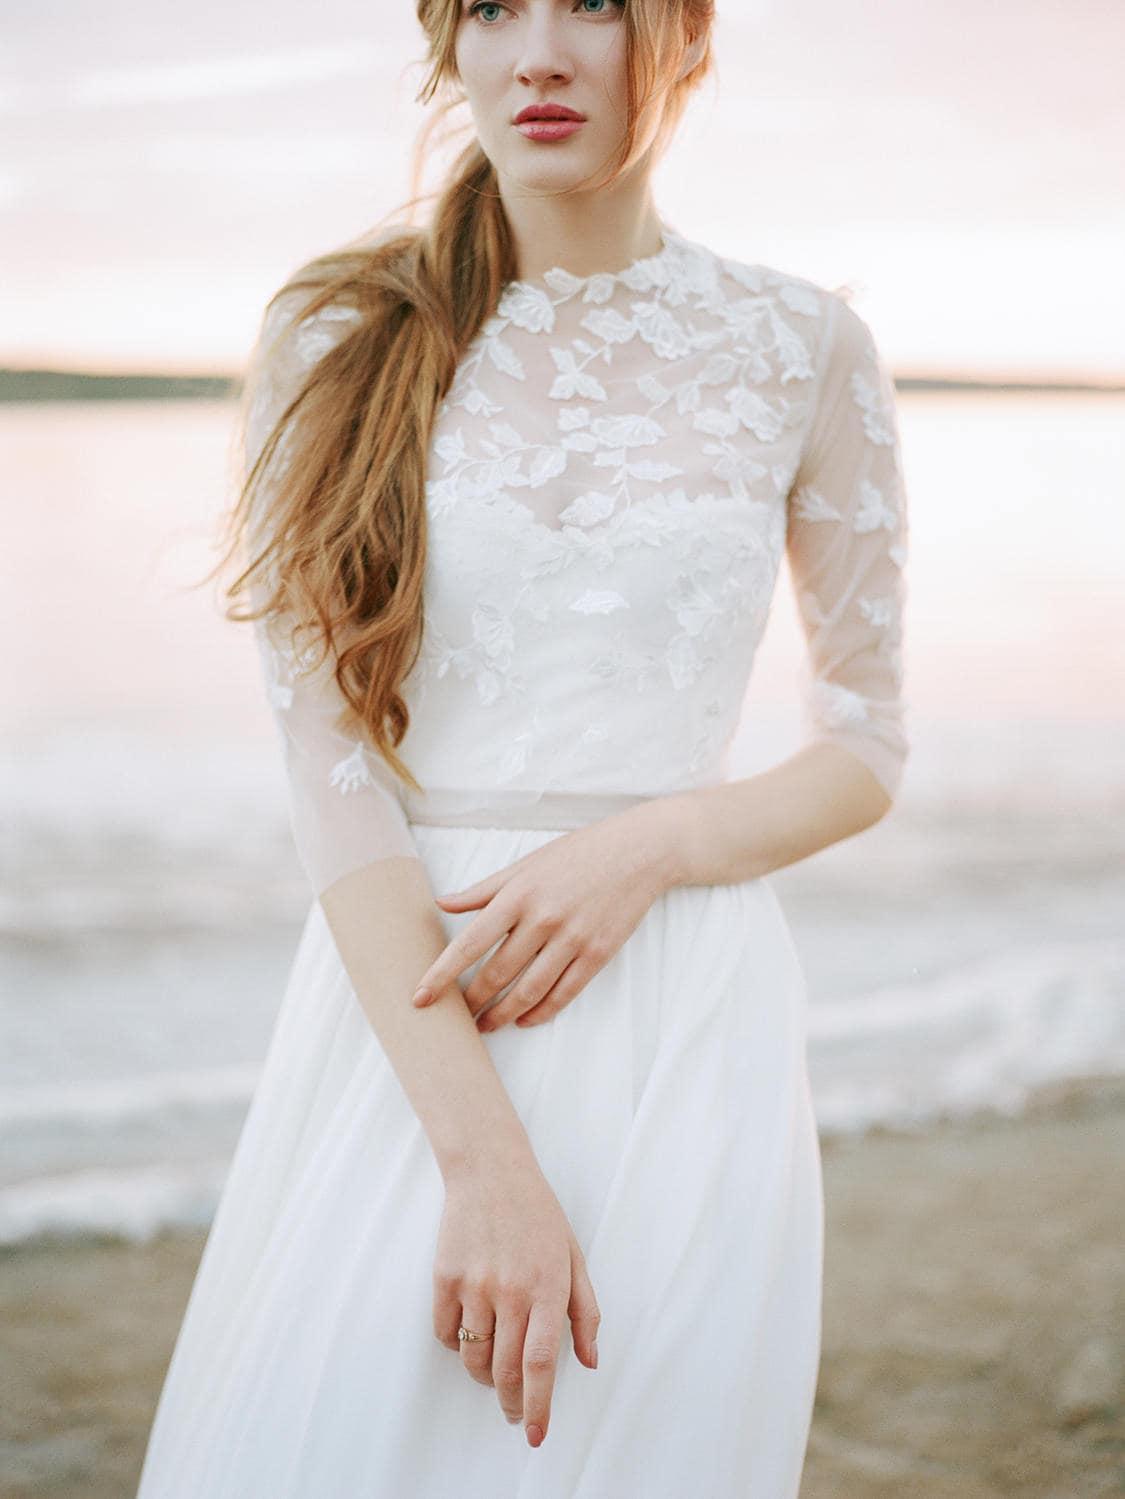 Korsett Brautkleid mit Bolero chiffon Brautkleid Blumen